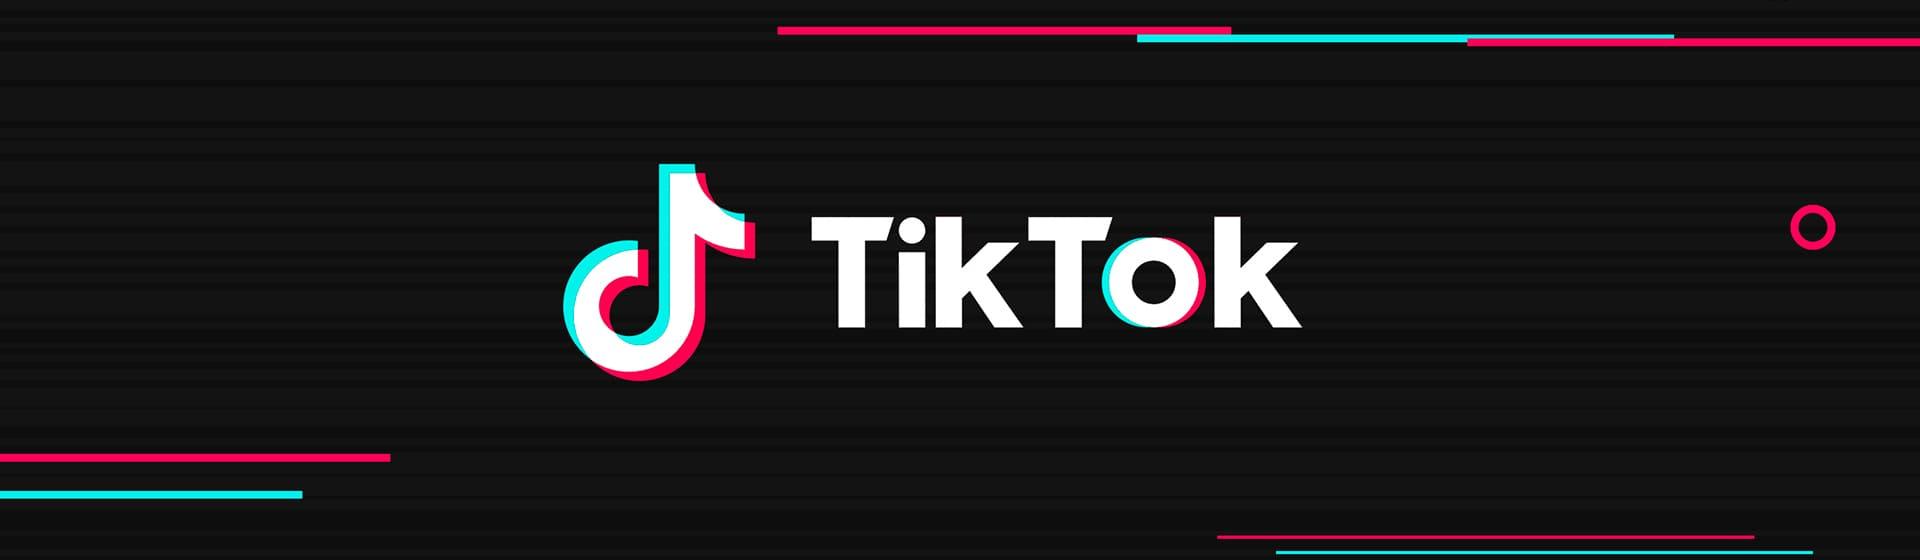 TikTok - Скатерти